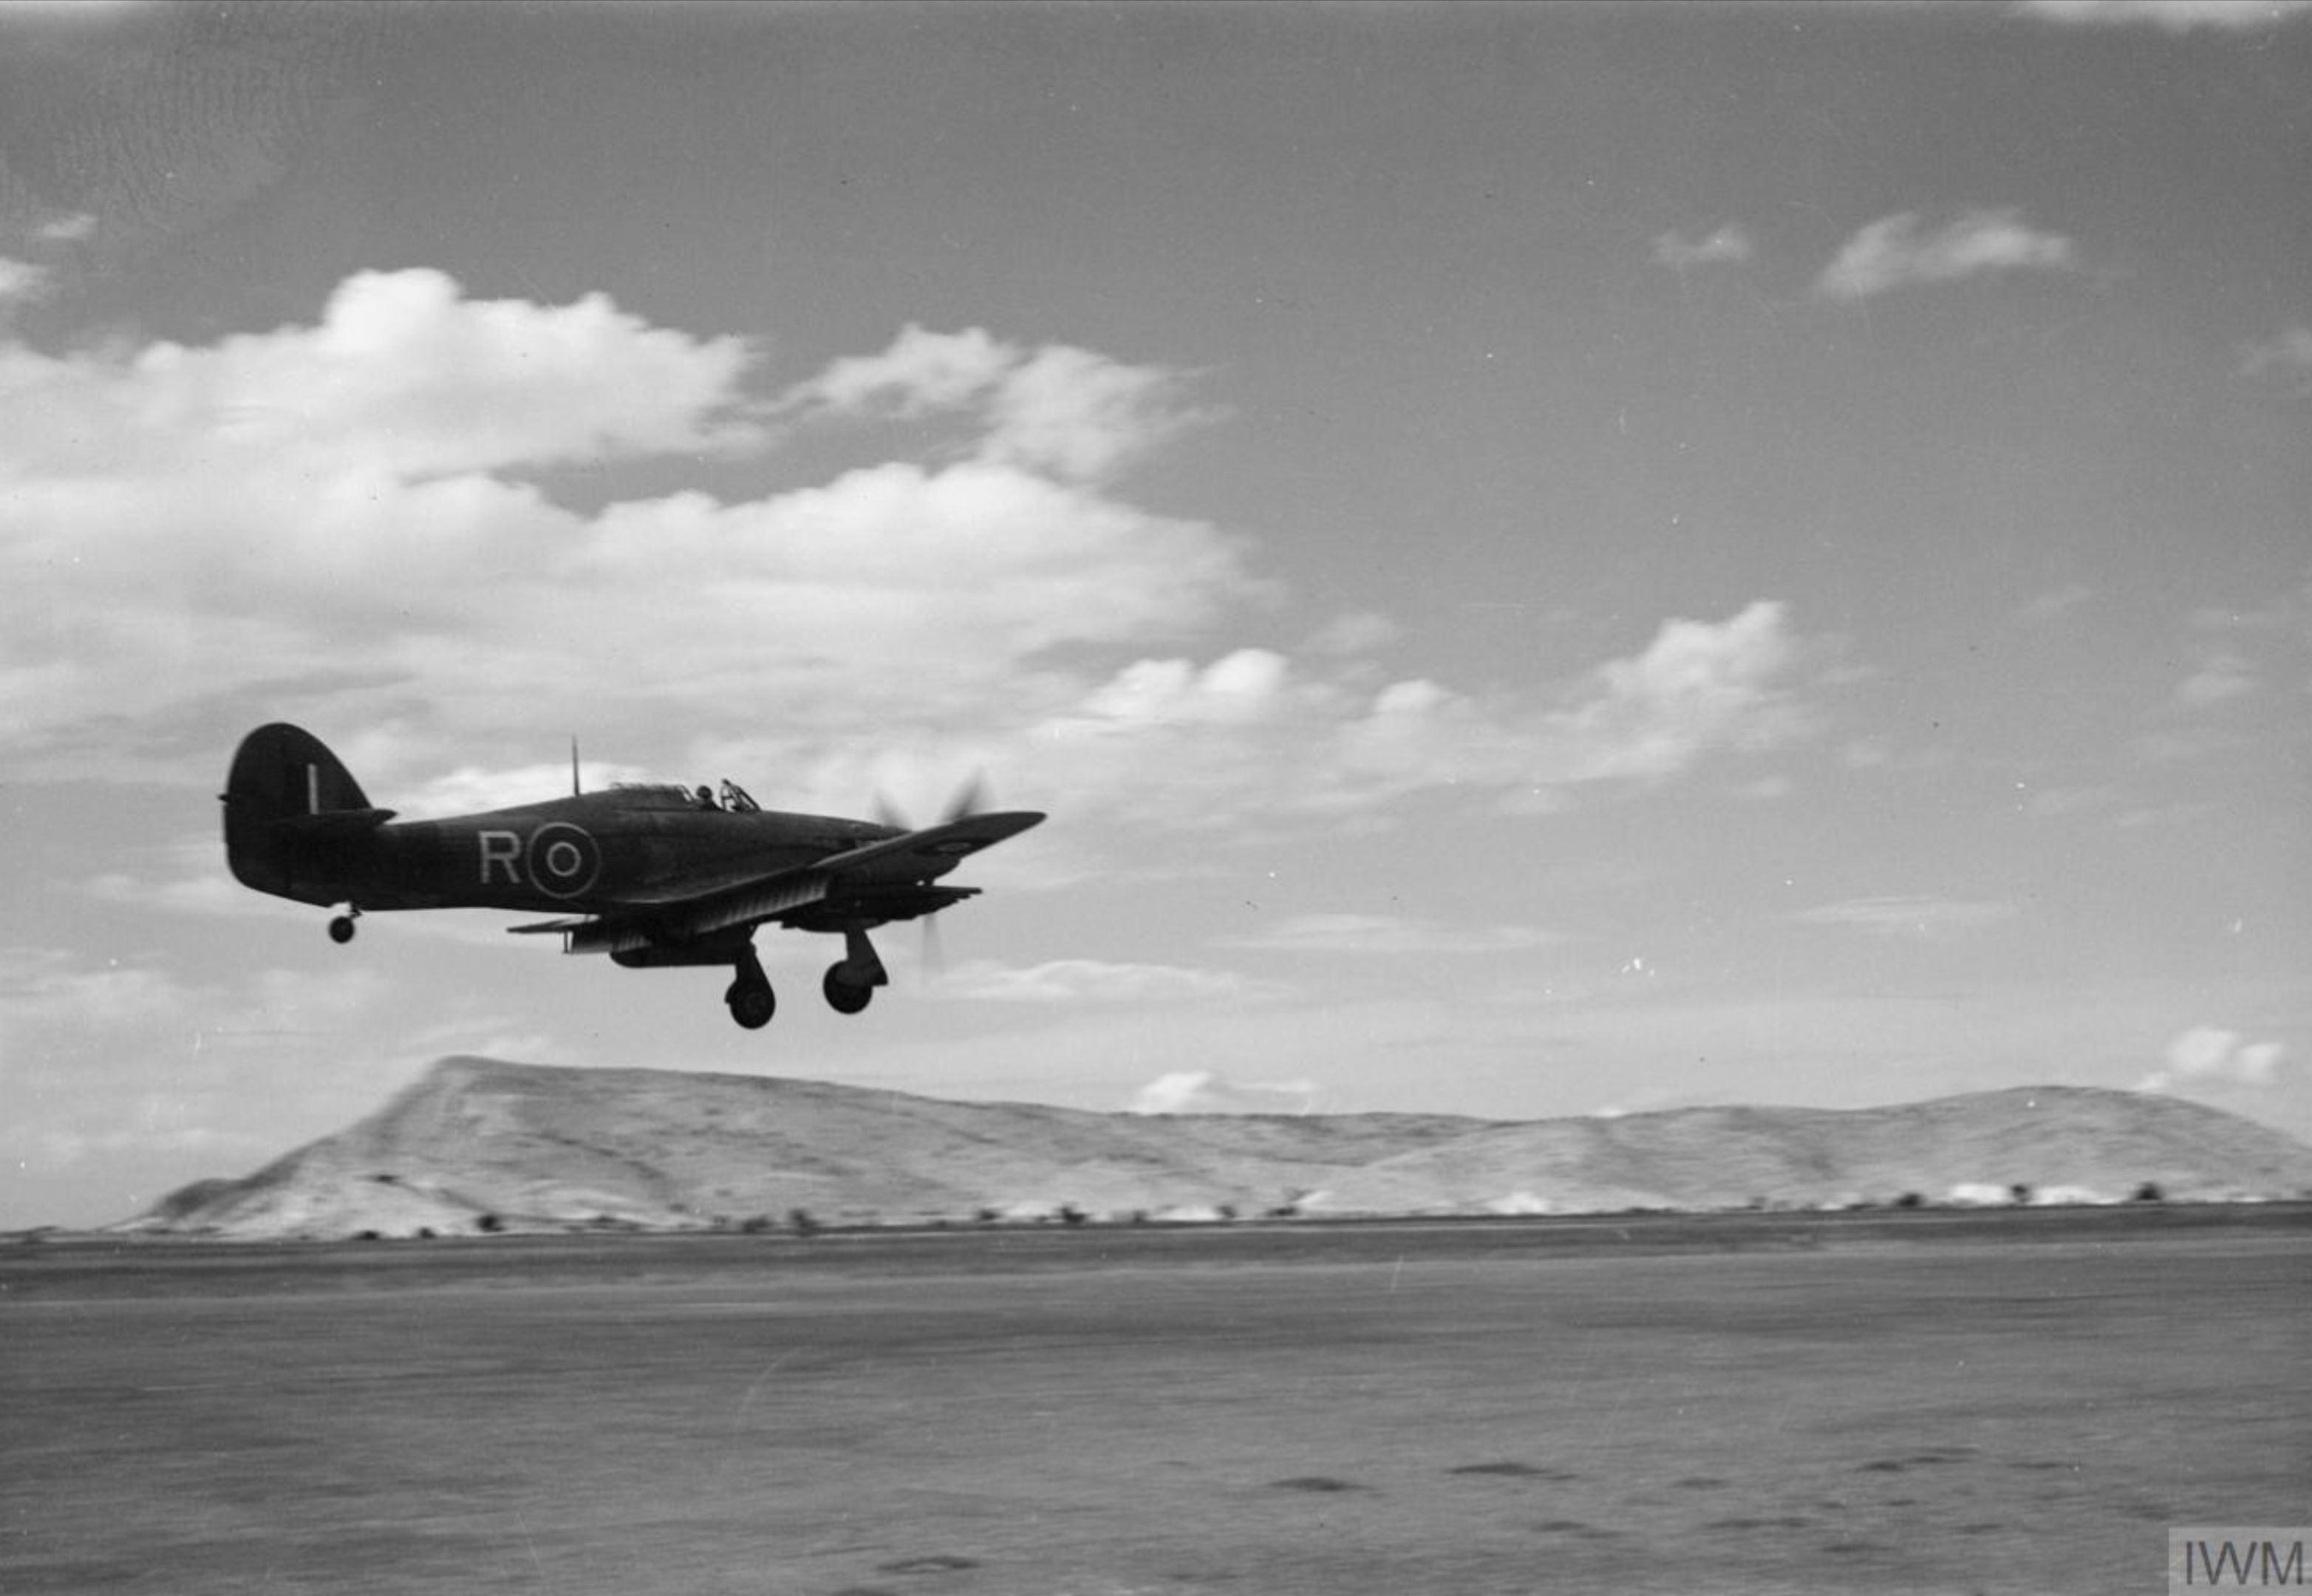 Hurricane IV RAF 6Sqn R LF498 arriving at Araxos Greece Sep 1944 IWM CNA3198